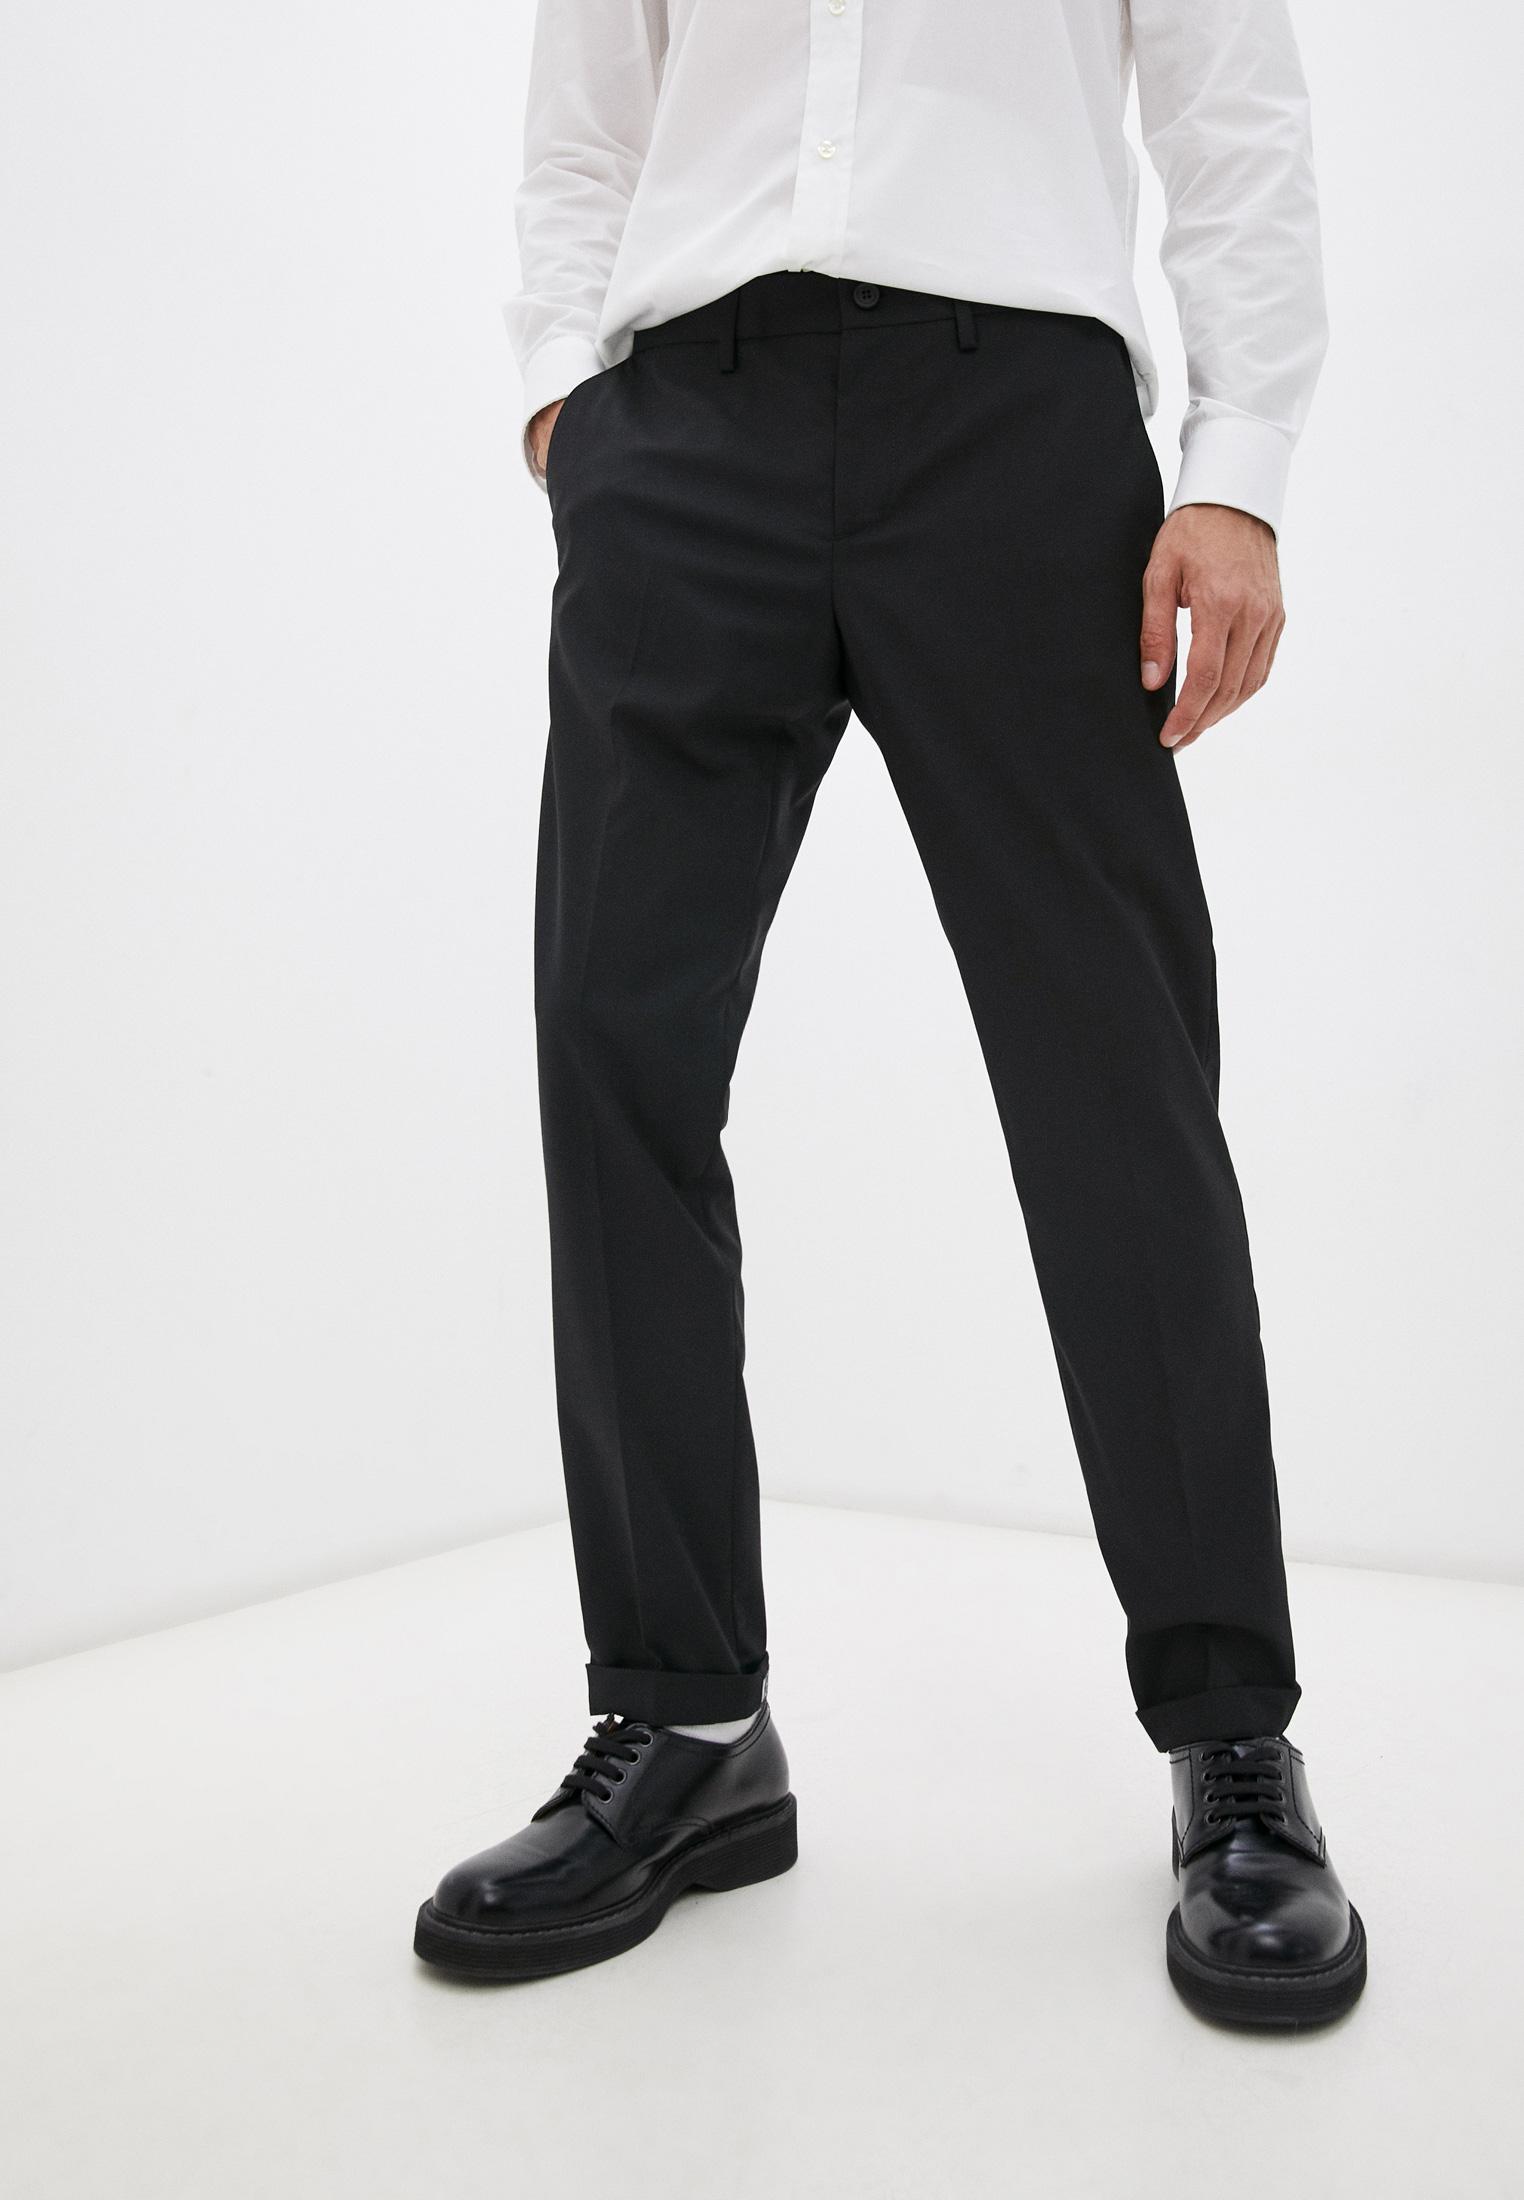 Мужские классические брюки Bikkembergs (Биккембергс) C P 001 00 S 3452